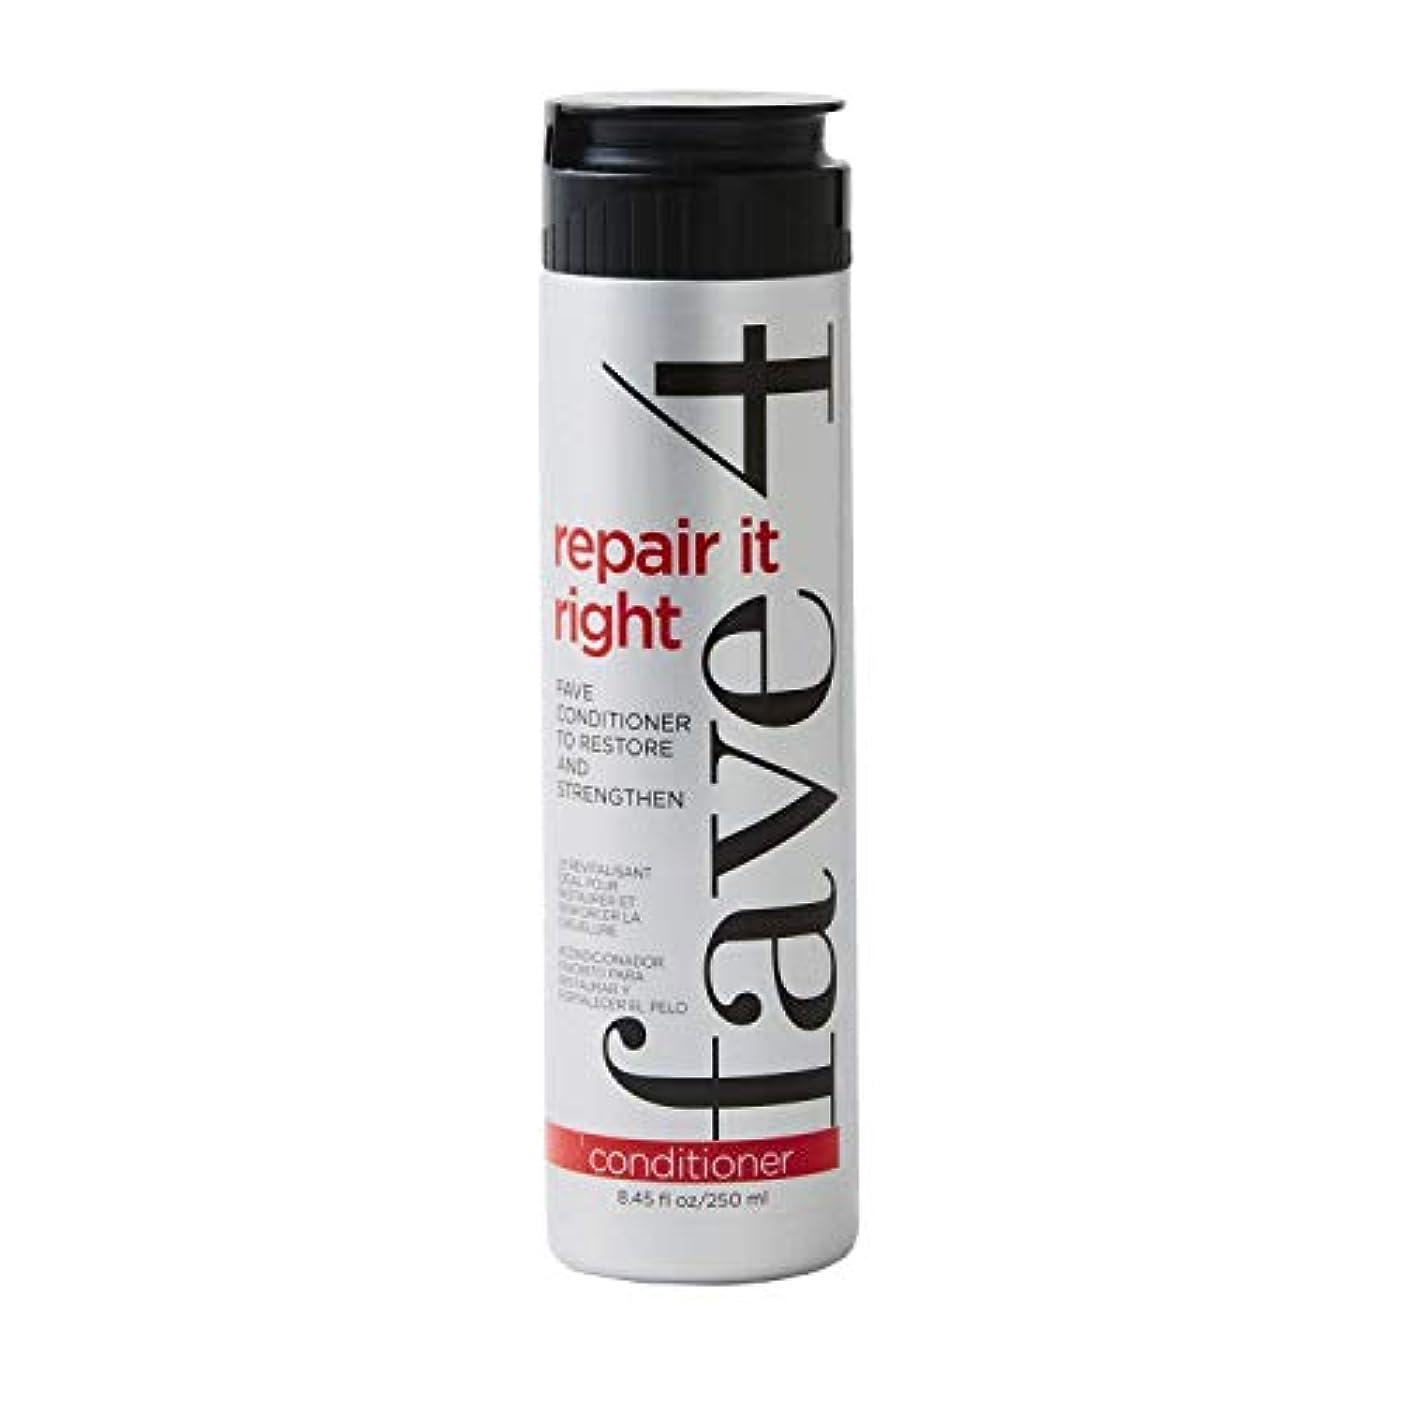 ラッドヤードキップリングボトルネック絡まるfave4 復元し、強化するために右フェイブConditonerそれを修復 - 硫酸塩フリー|パラベンフリー|グルテンフリー|無添加塩化ナトリウムありません|虐待無料|色処理した毛髪、8.5オンスのための安全な 8.5オンス